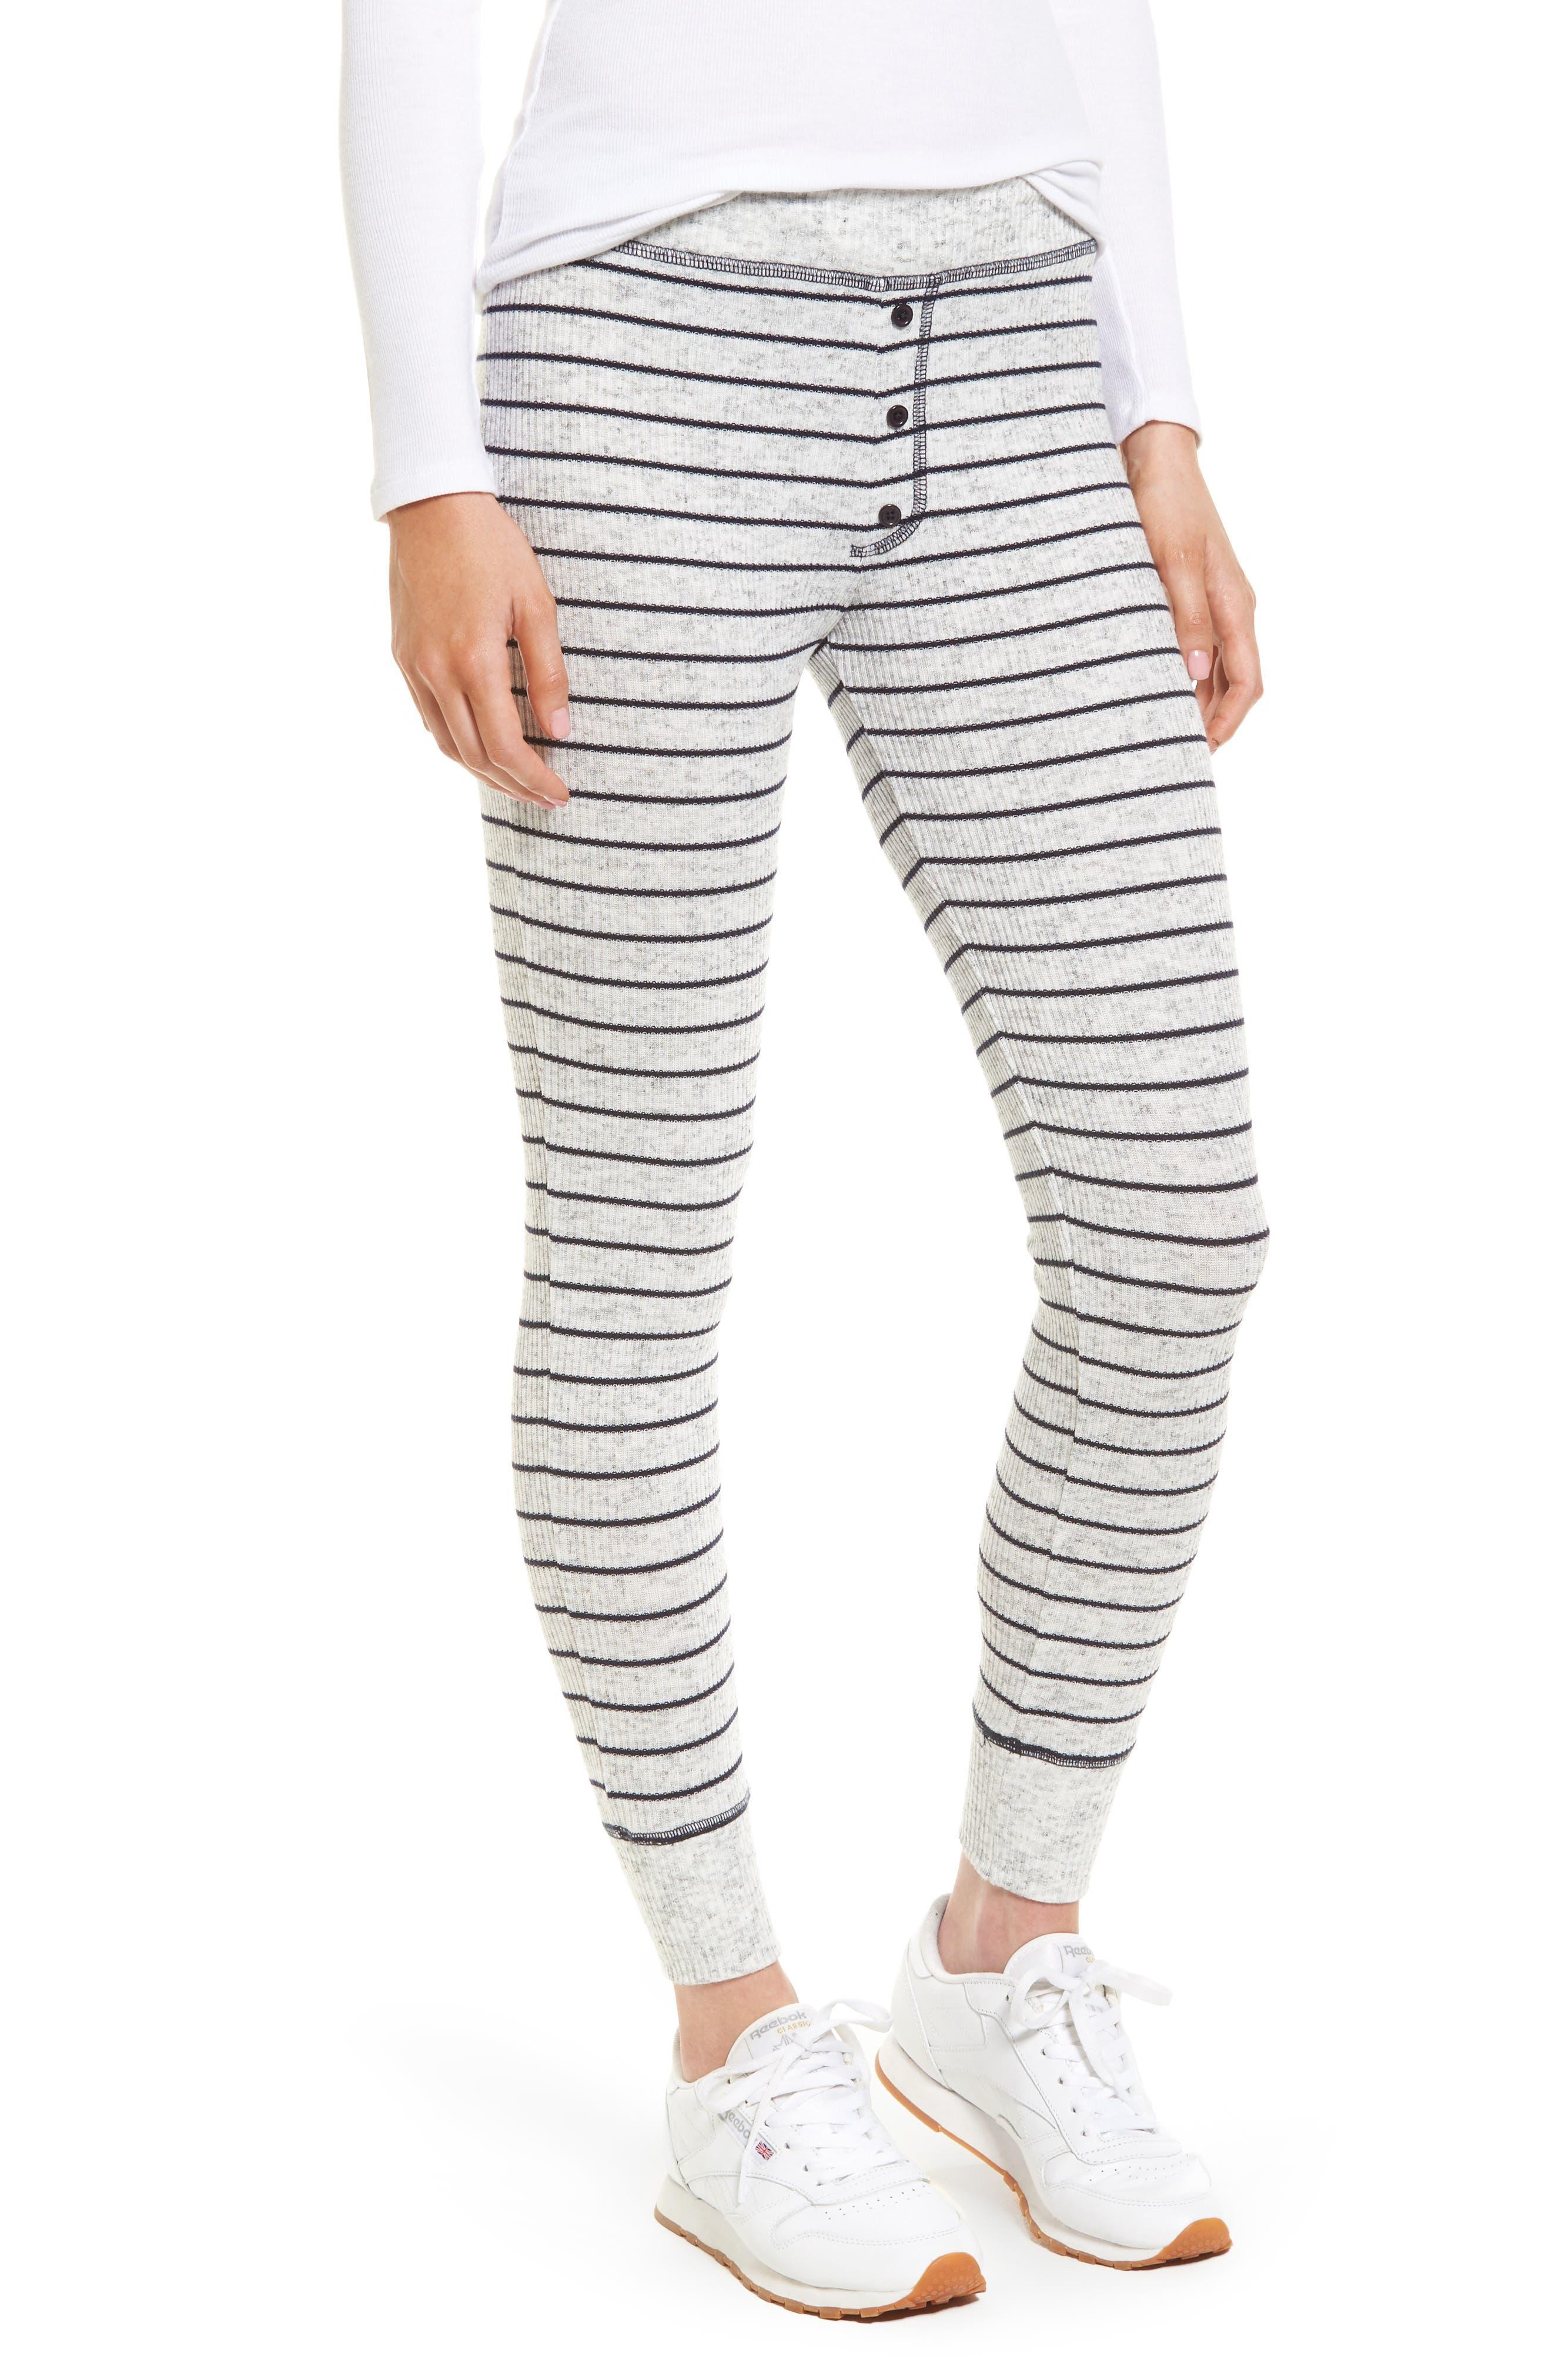 Sundry Stripe Long John Leggings